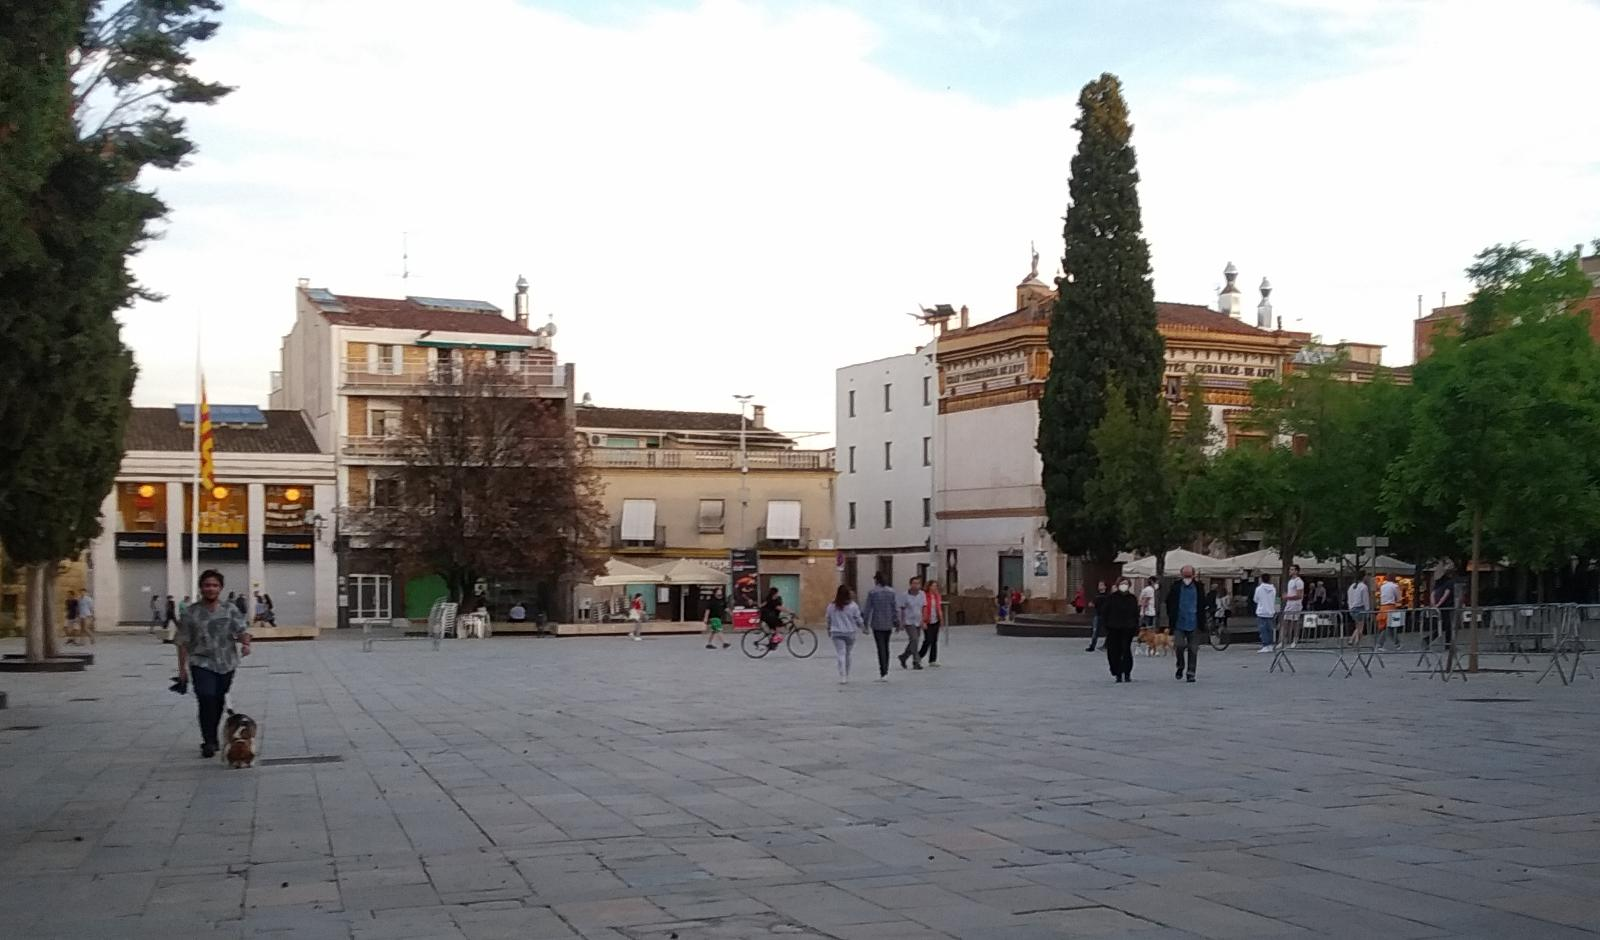 La plaça d'Octavià torna a omplir-se de gent